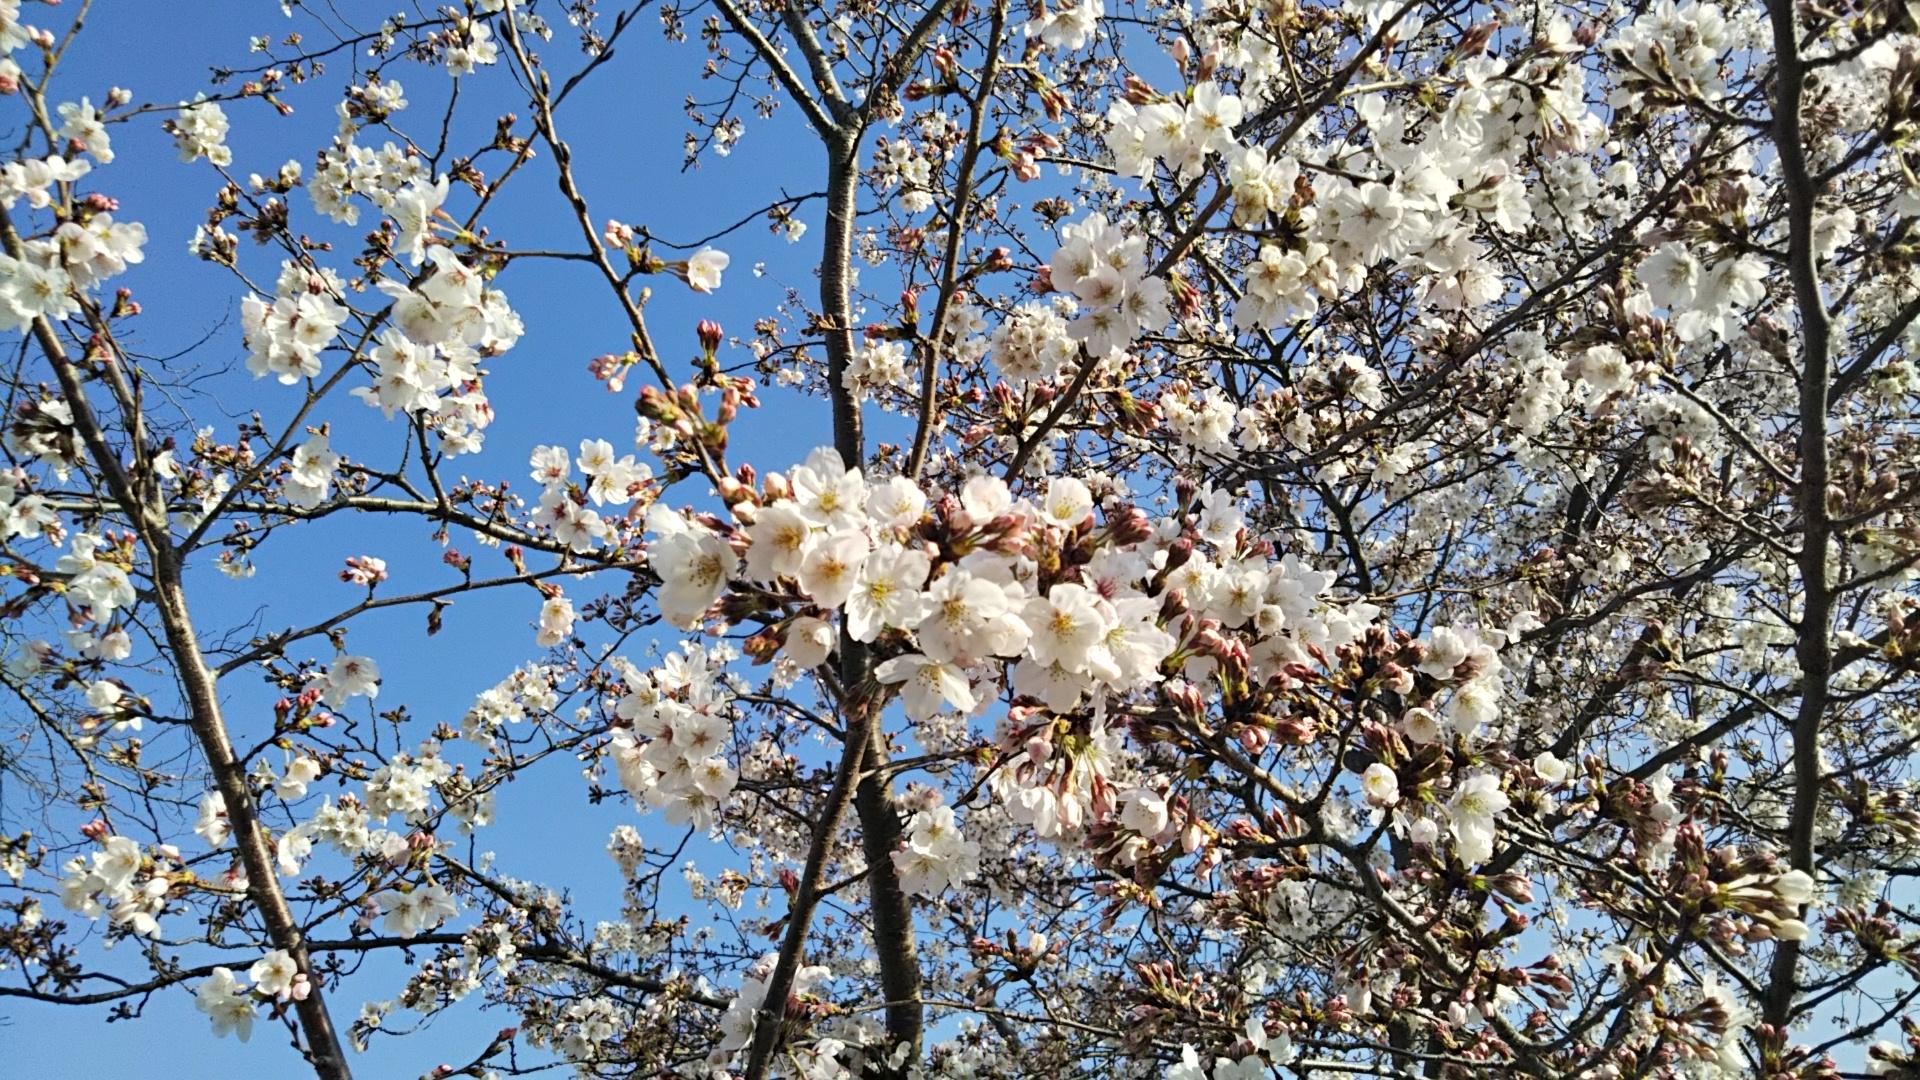 2021年3月27日 富士森公園の桜です